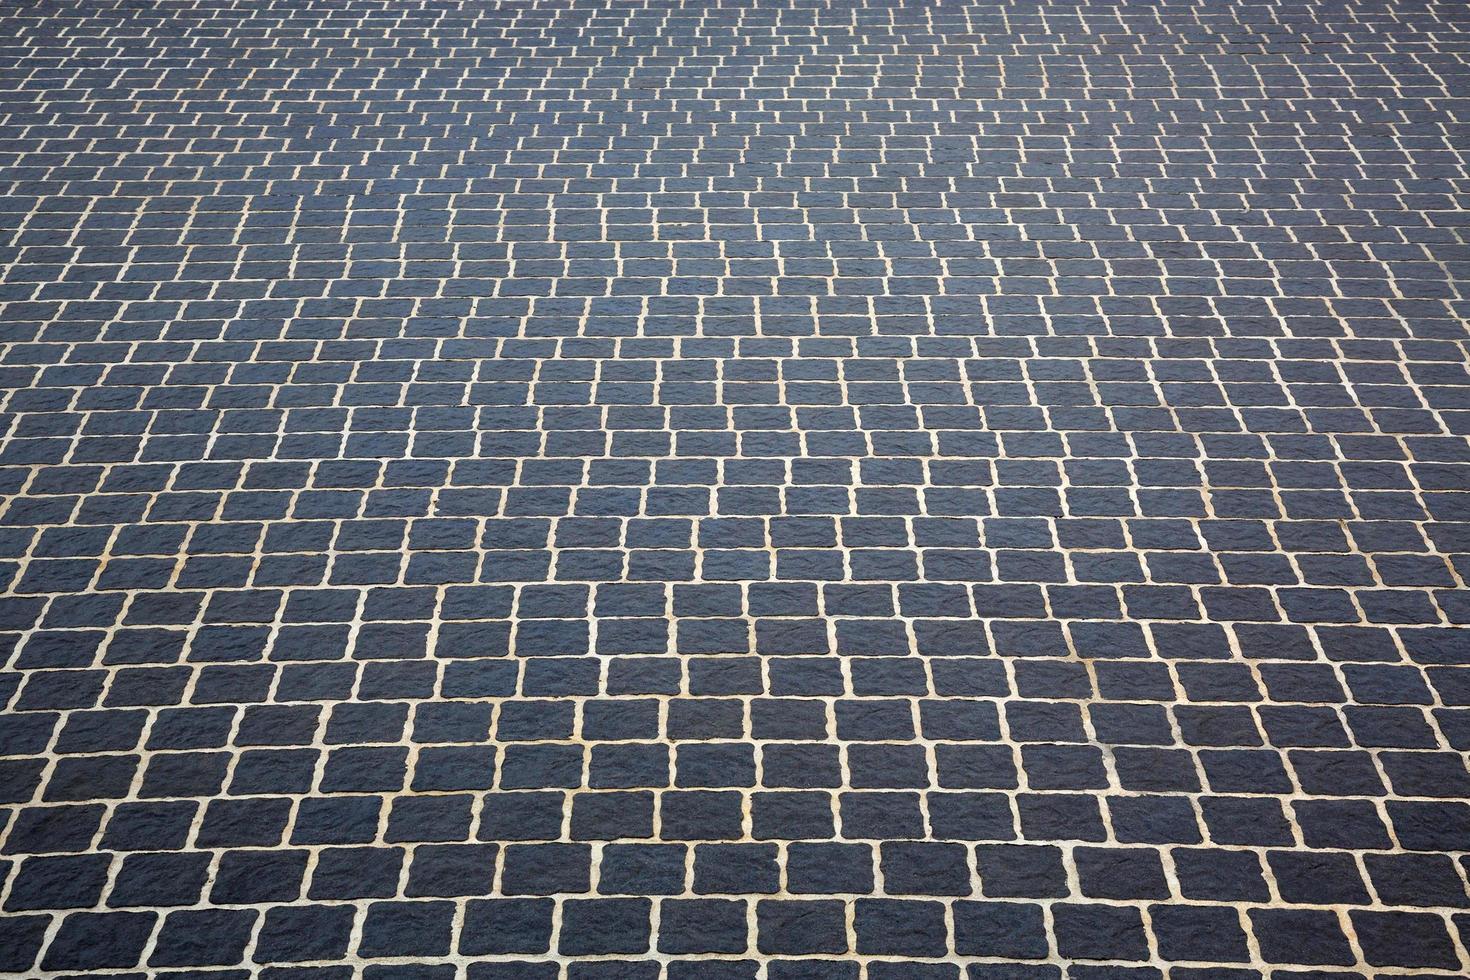 patrones y texturas de pisos de piedra para el fondo. foto